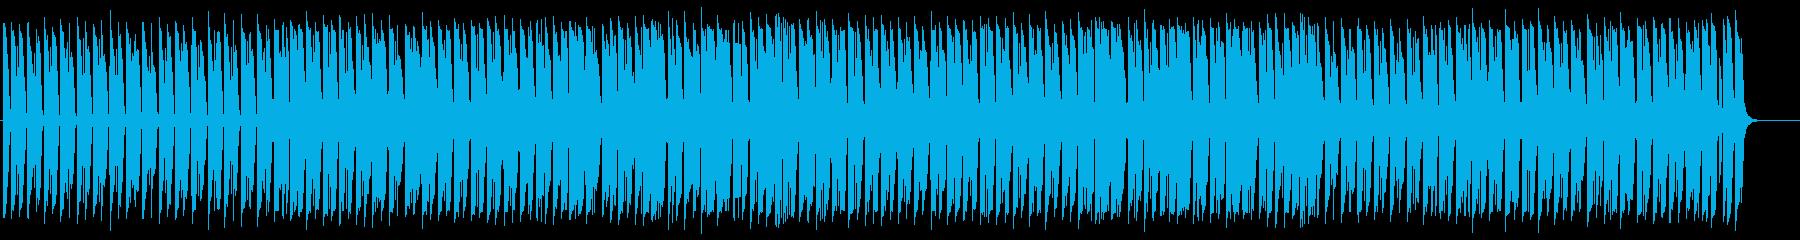 不思議でおもしろいBGMの再生済みの波形